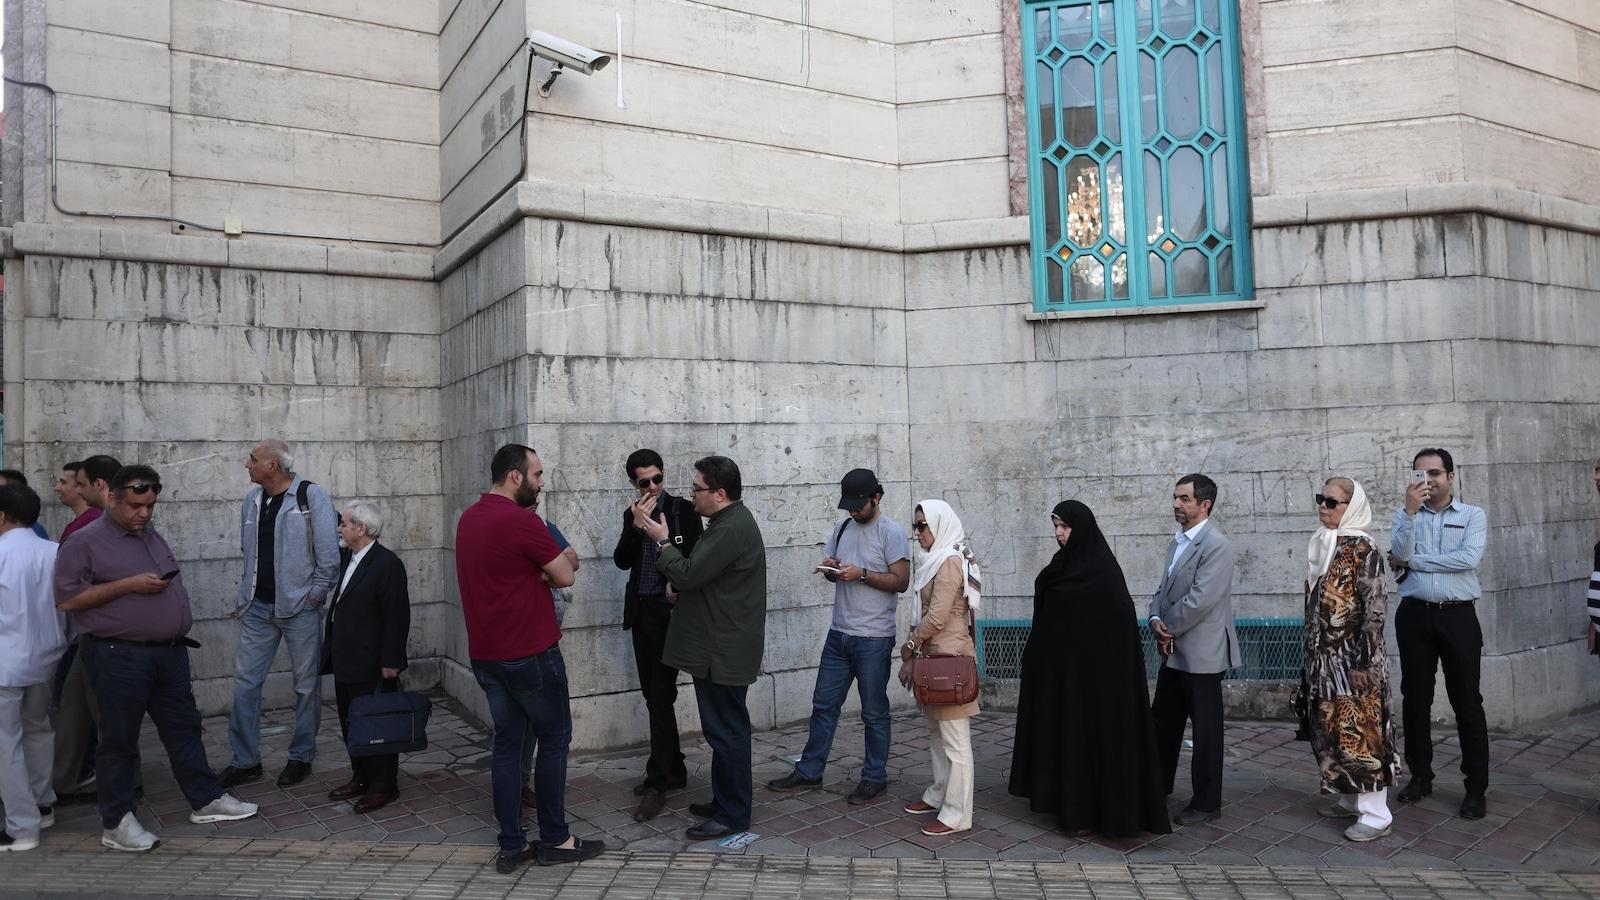 Des hommes et des femmes voilées attendent en file devant un vieil immeuble.